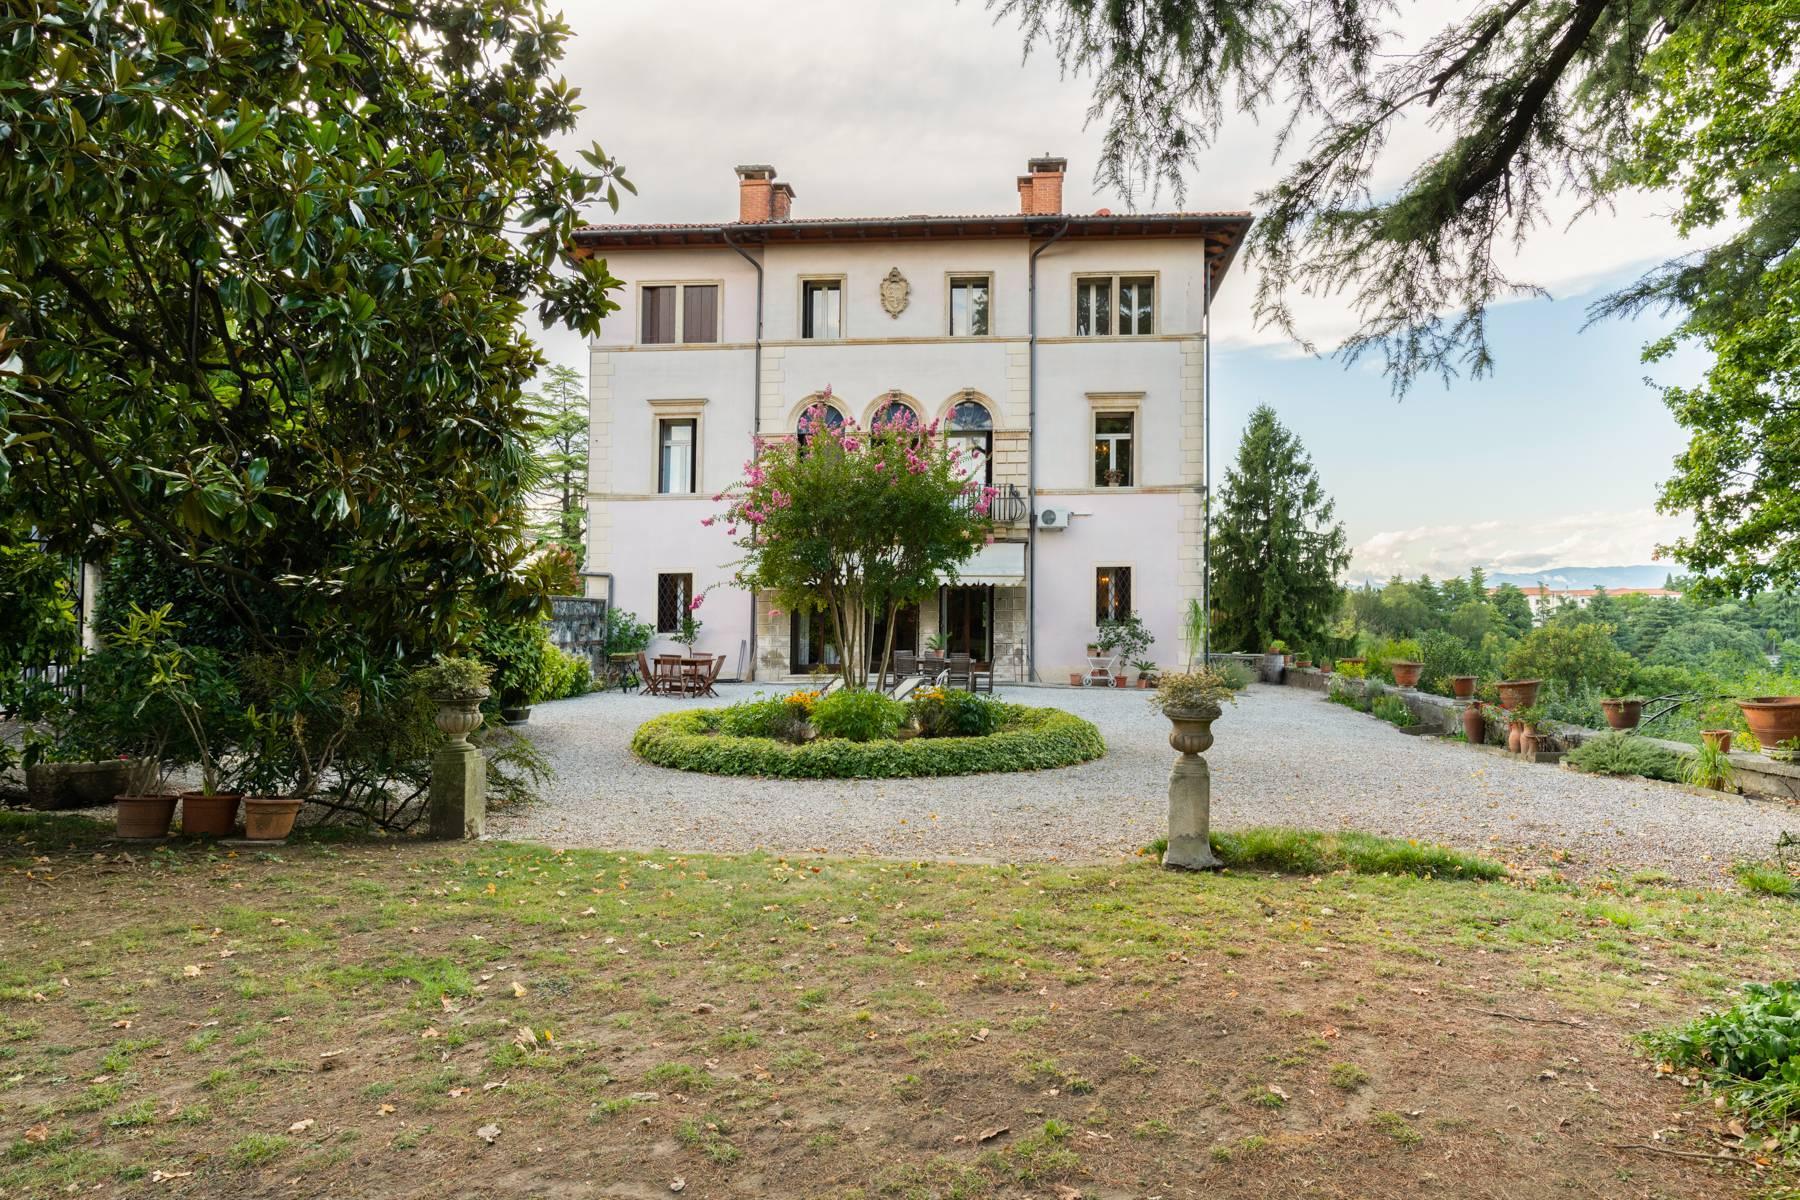 Elegante historische Villa mit privatem Park auf dem Monte Berico - 3